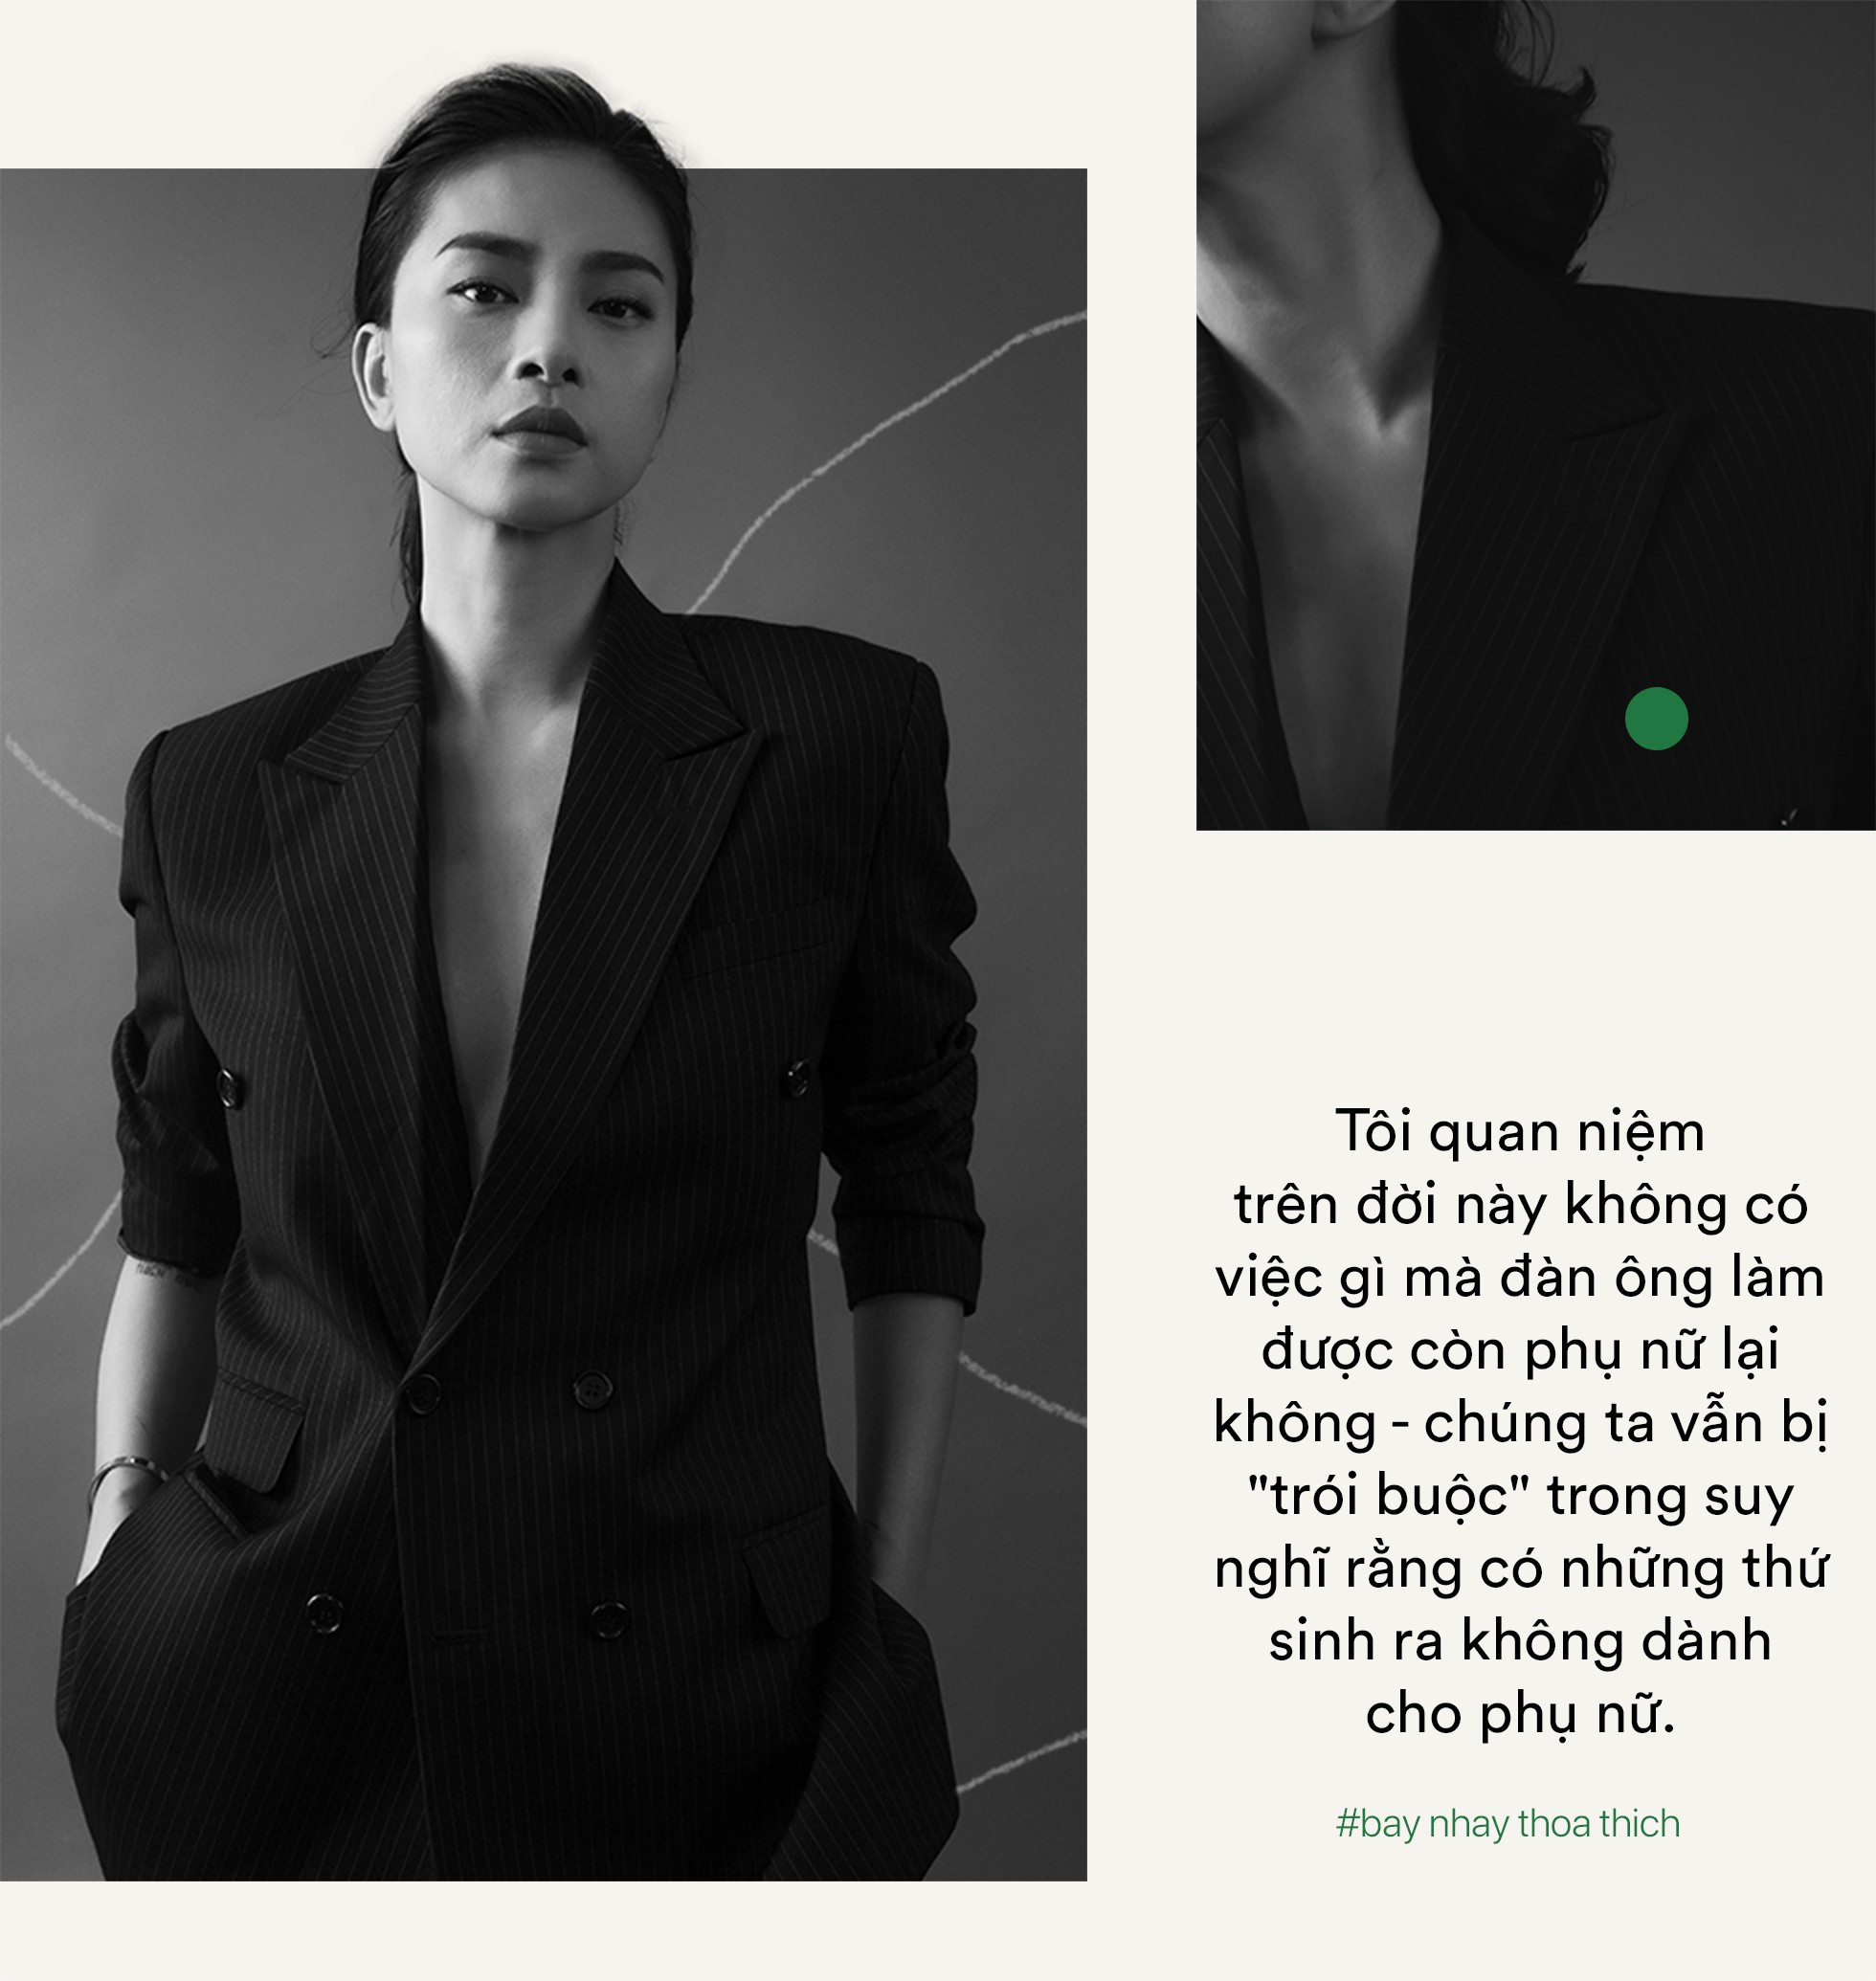 Đối thoại cùng Ngô Thanh Vân: Không ai ngồi đợi thành công tới, muốn sống trọn vẹn phải biết bay nhảy với đời - Ảnh 4.